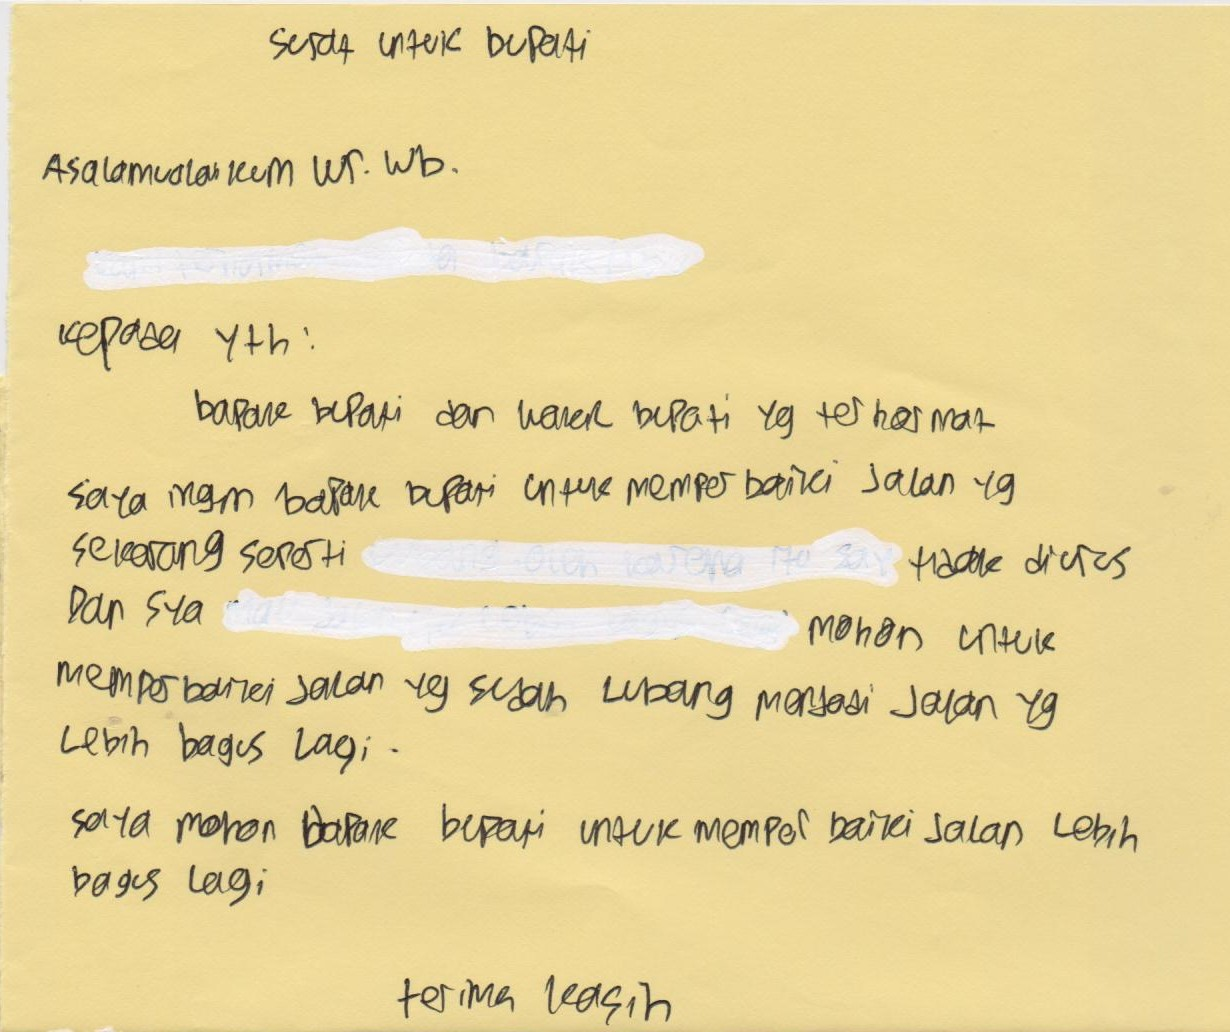 Surat untuk Bupati